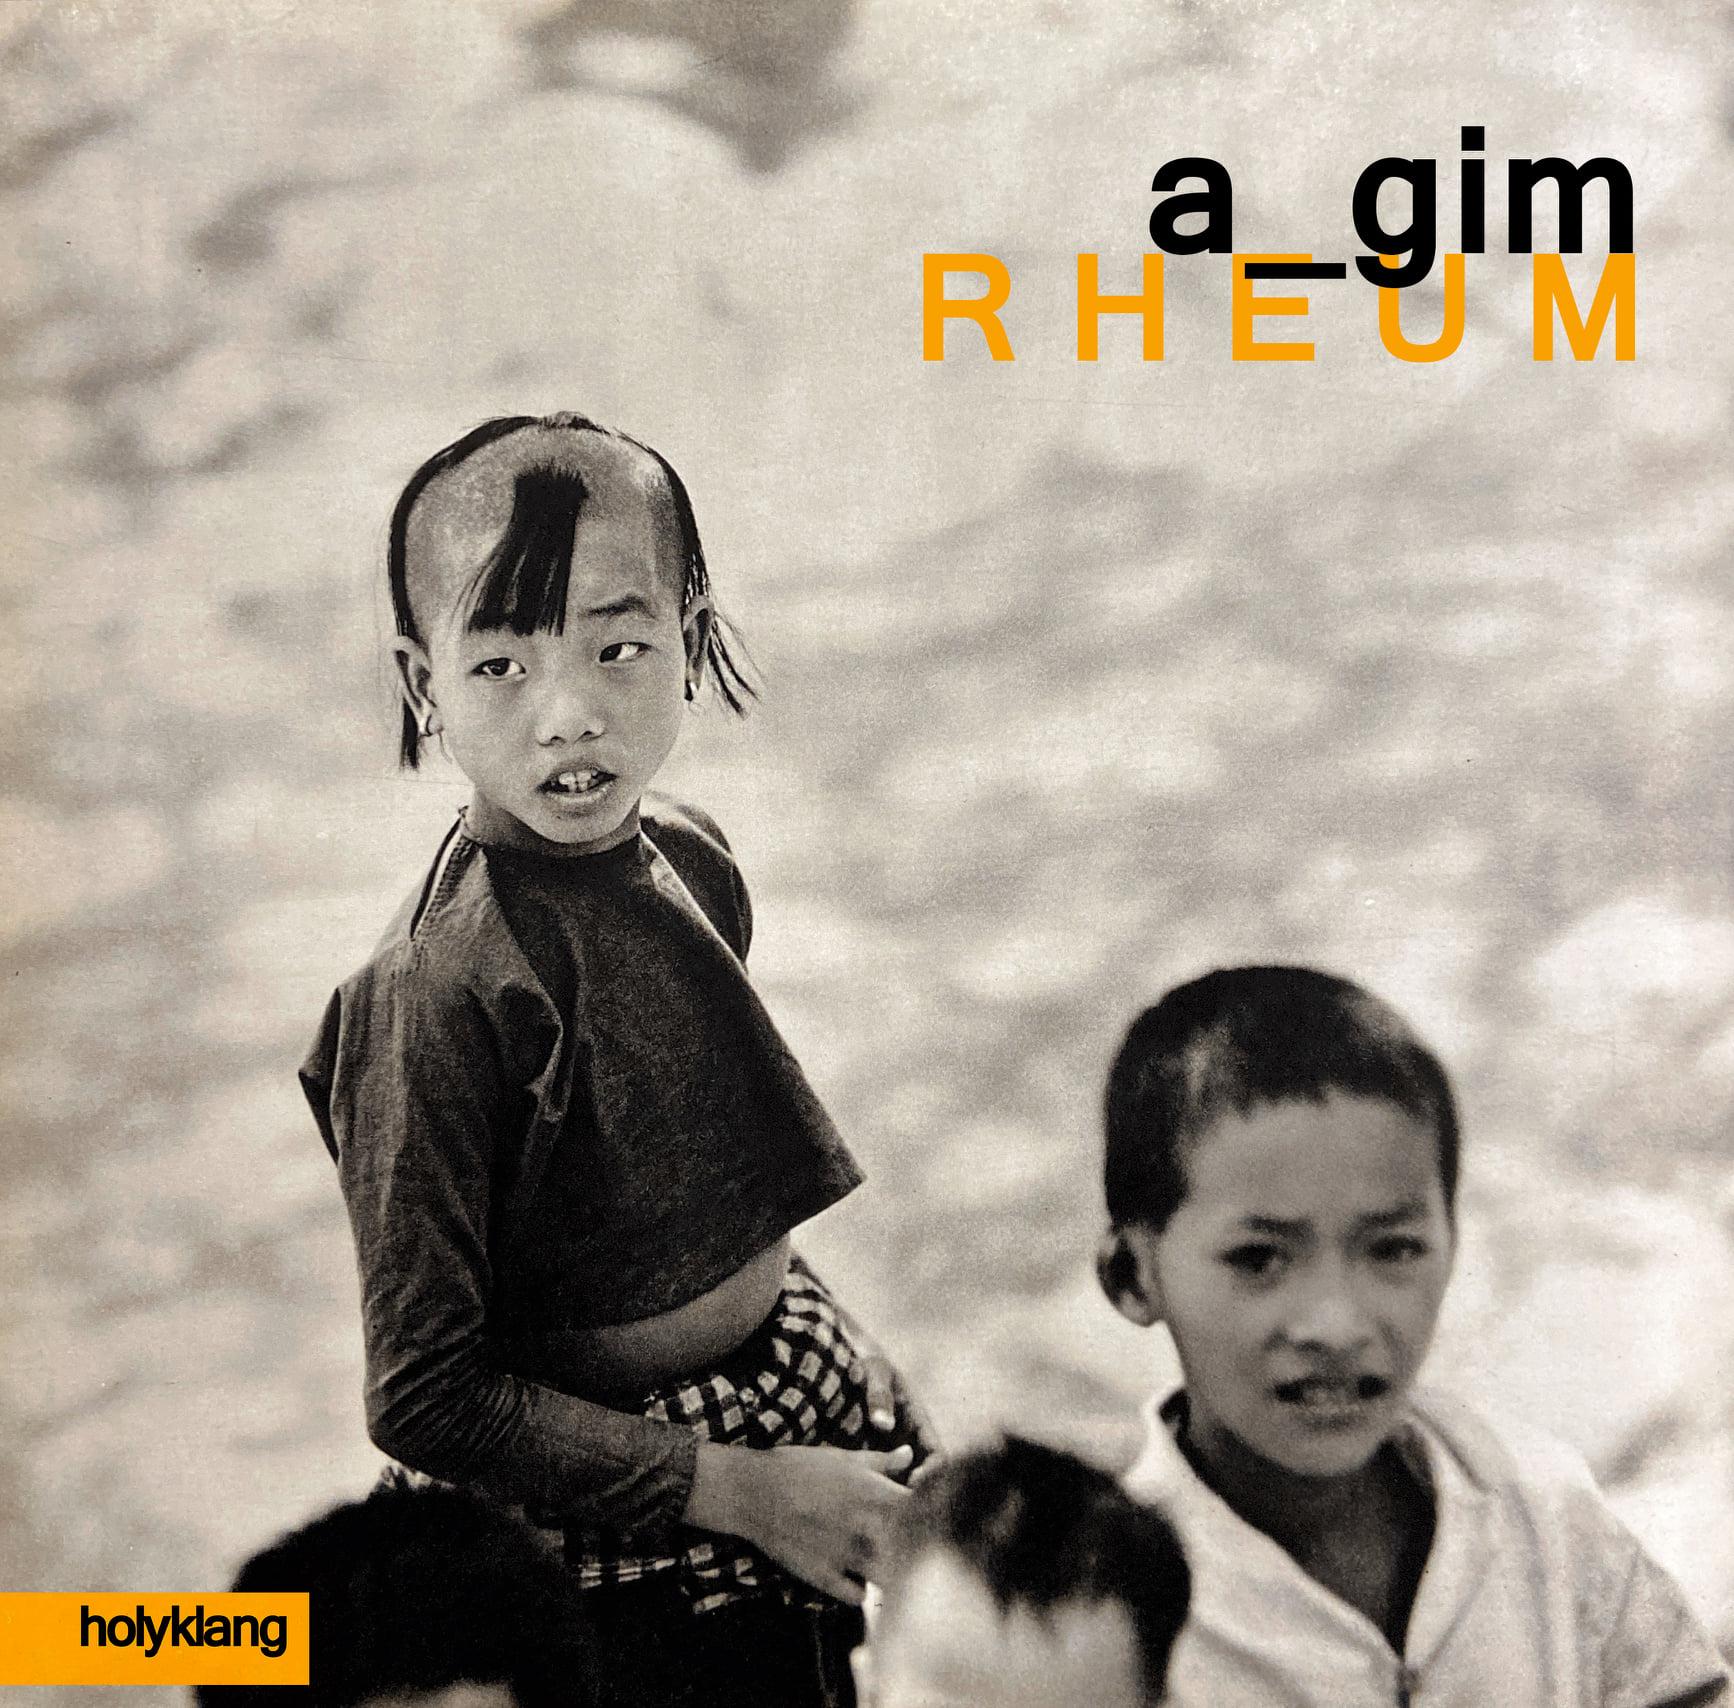 """AGIM - """"RHEUM EP"""" - okładka płyty"""